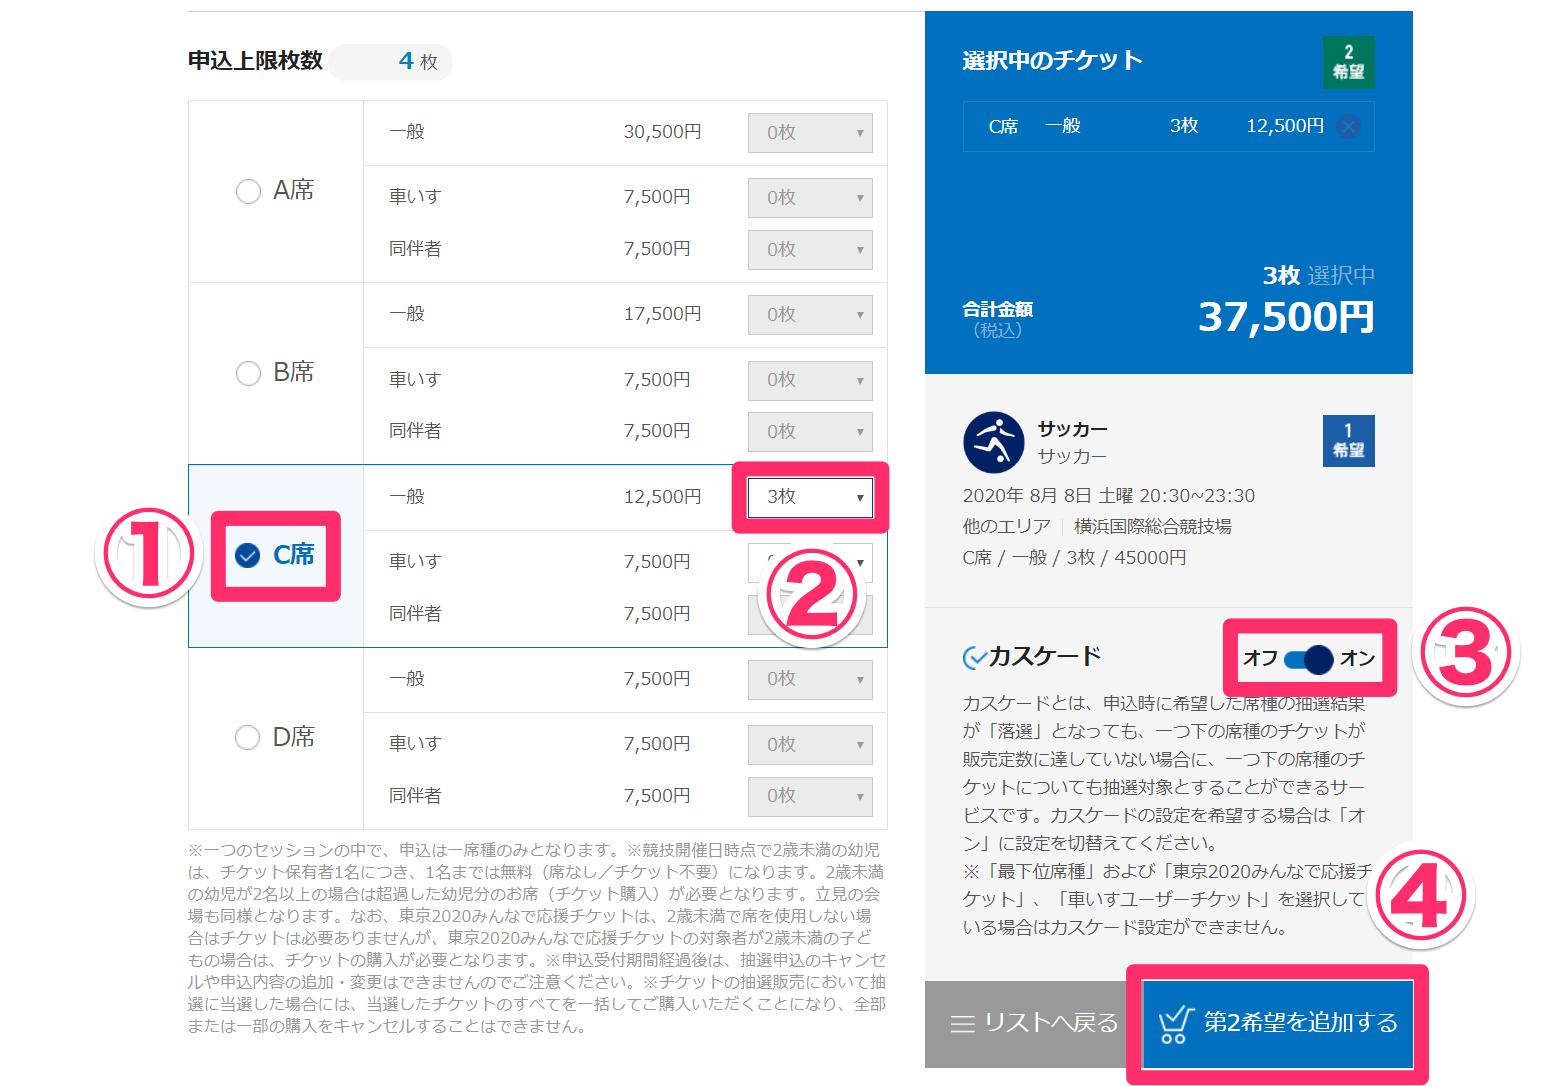 【東京オリンピック】観戦チケットの第2希望ってなに? 当選のチャンスを広げる抽選申込のコツ